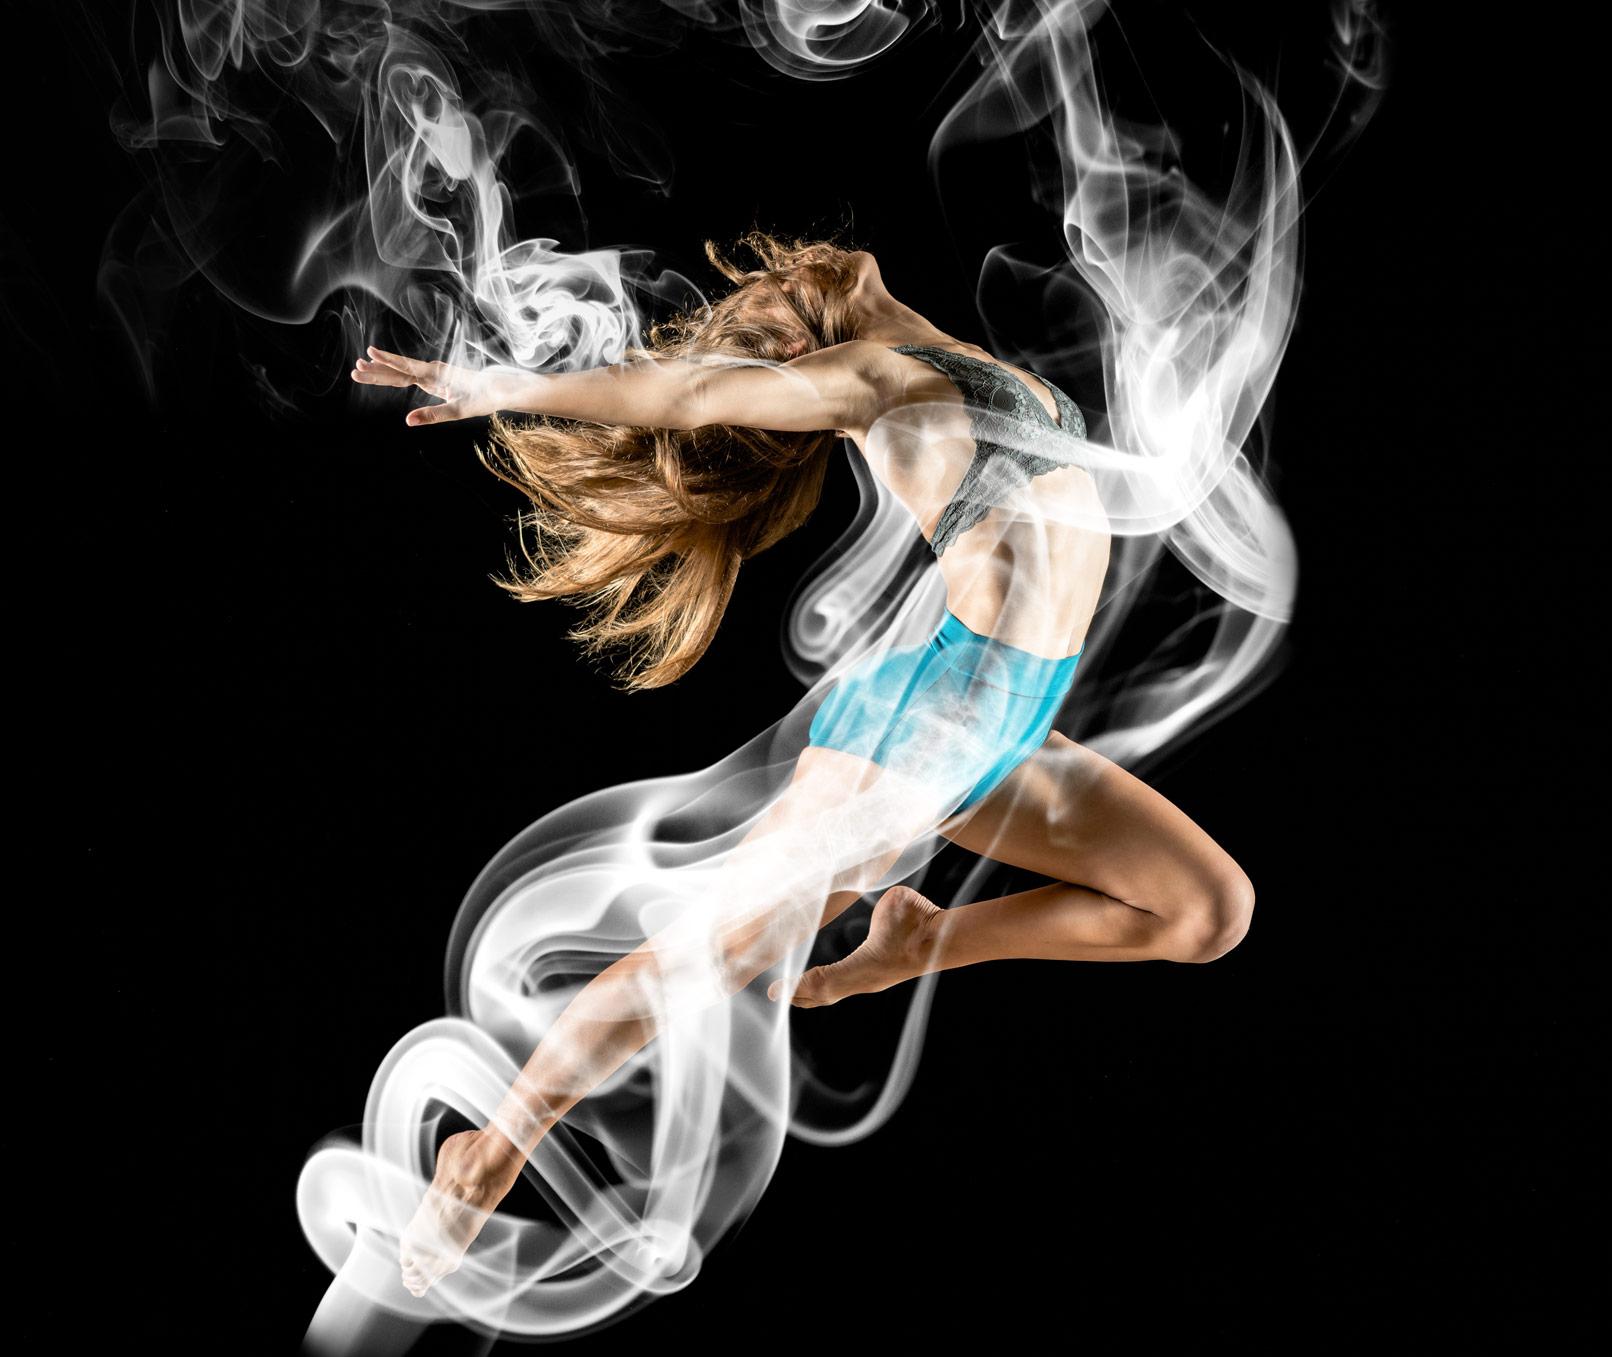 Frau beim Sport, überlagert mit Rauch-Motiv